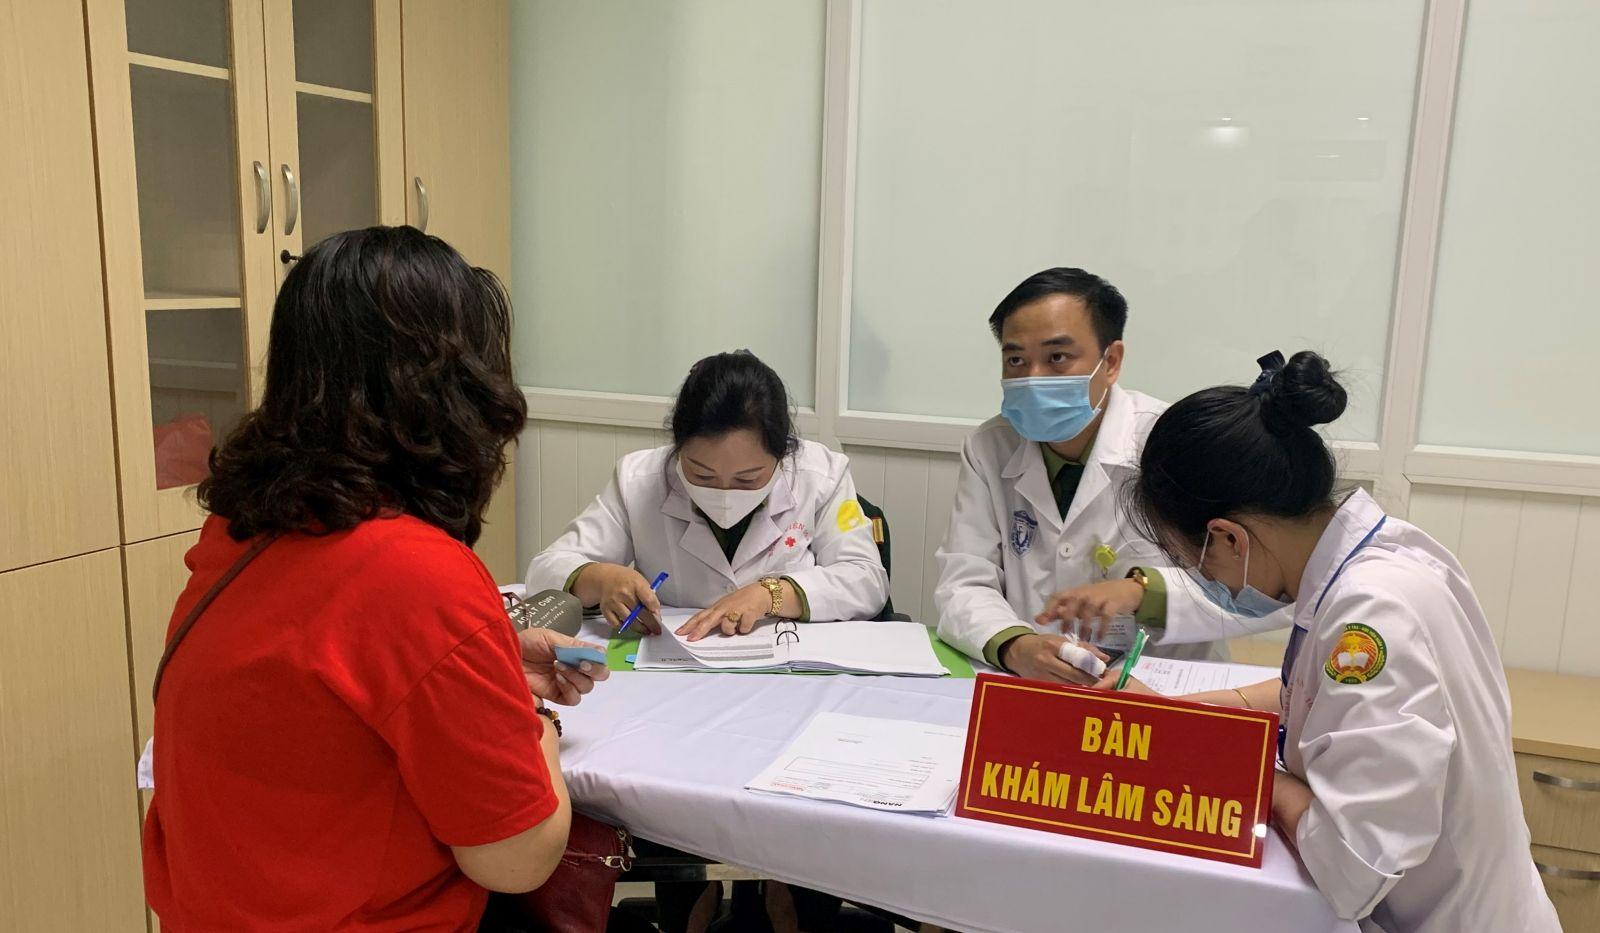 Các tình nguyện viên đến khám sàng lọc tại buổi đầu tiên tiêm thử nghiệm giai đoạn 2 vaccine Nanocovax ở Học viện Quân Y. Ảnh: VGP/Hiền Minh